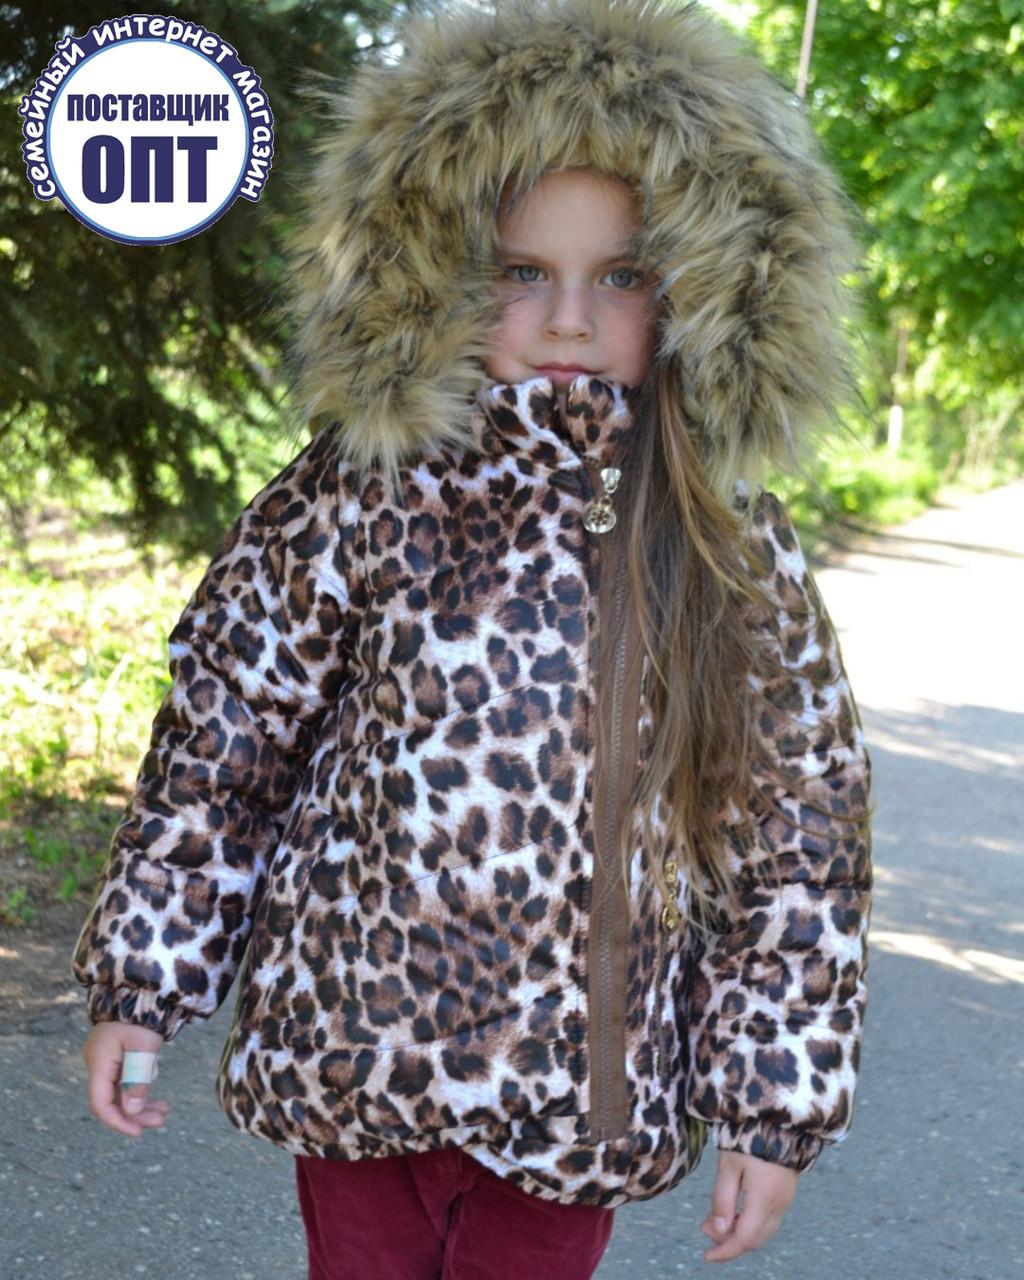 Зимняя куртка на девочку - можно комплект